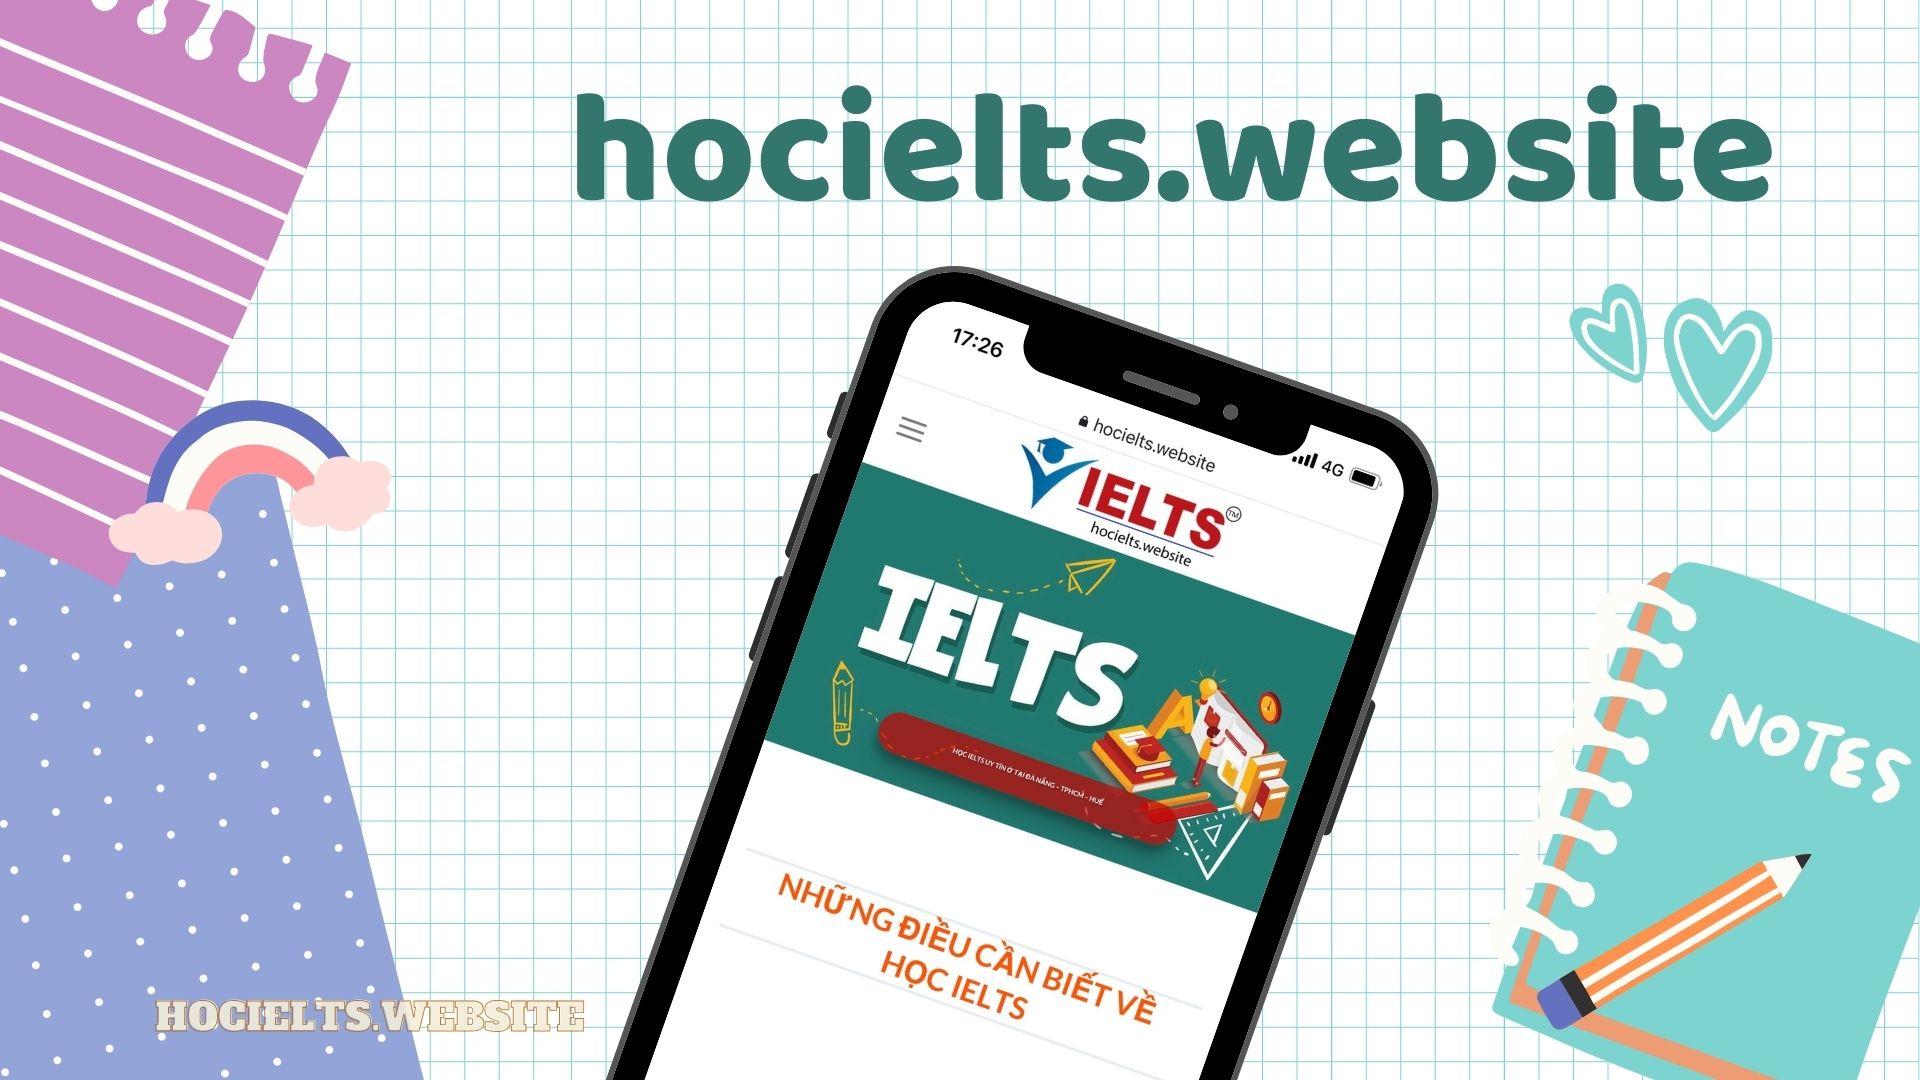 dia-chi-web-hoc-ielts-online-hocielts-website